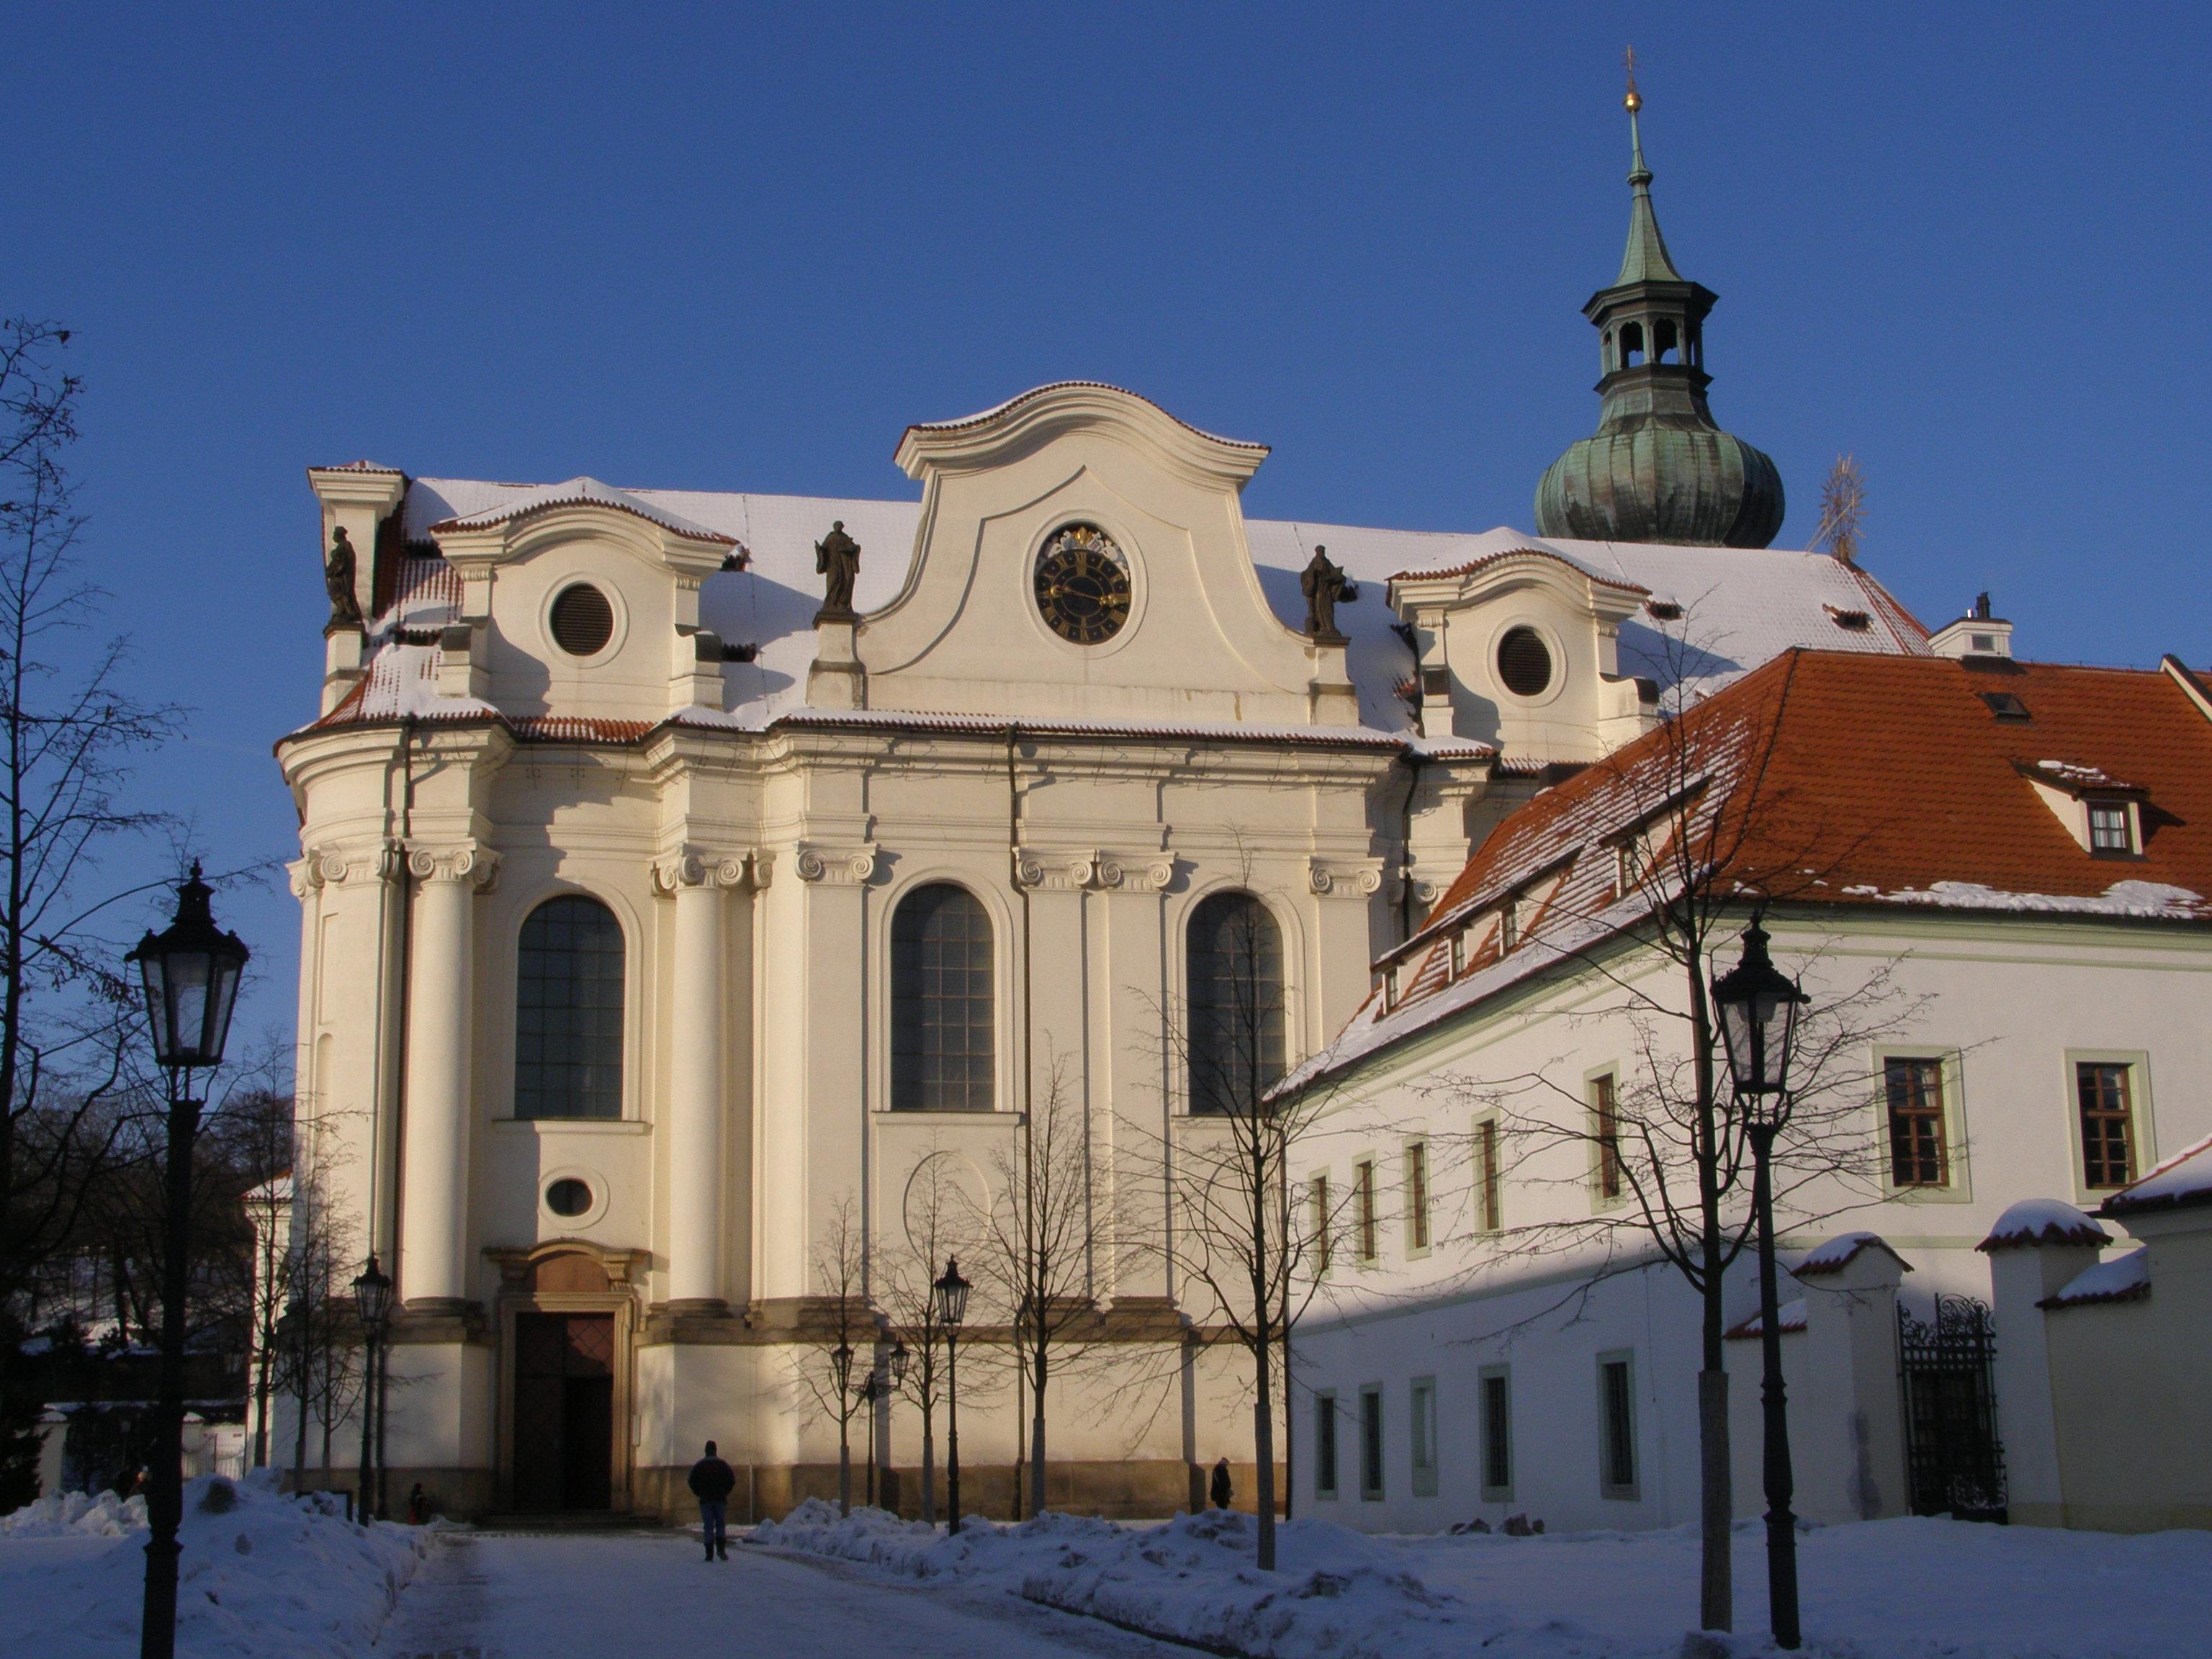 Klaster Praha File:praha Břevnovský Klášter